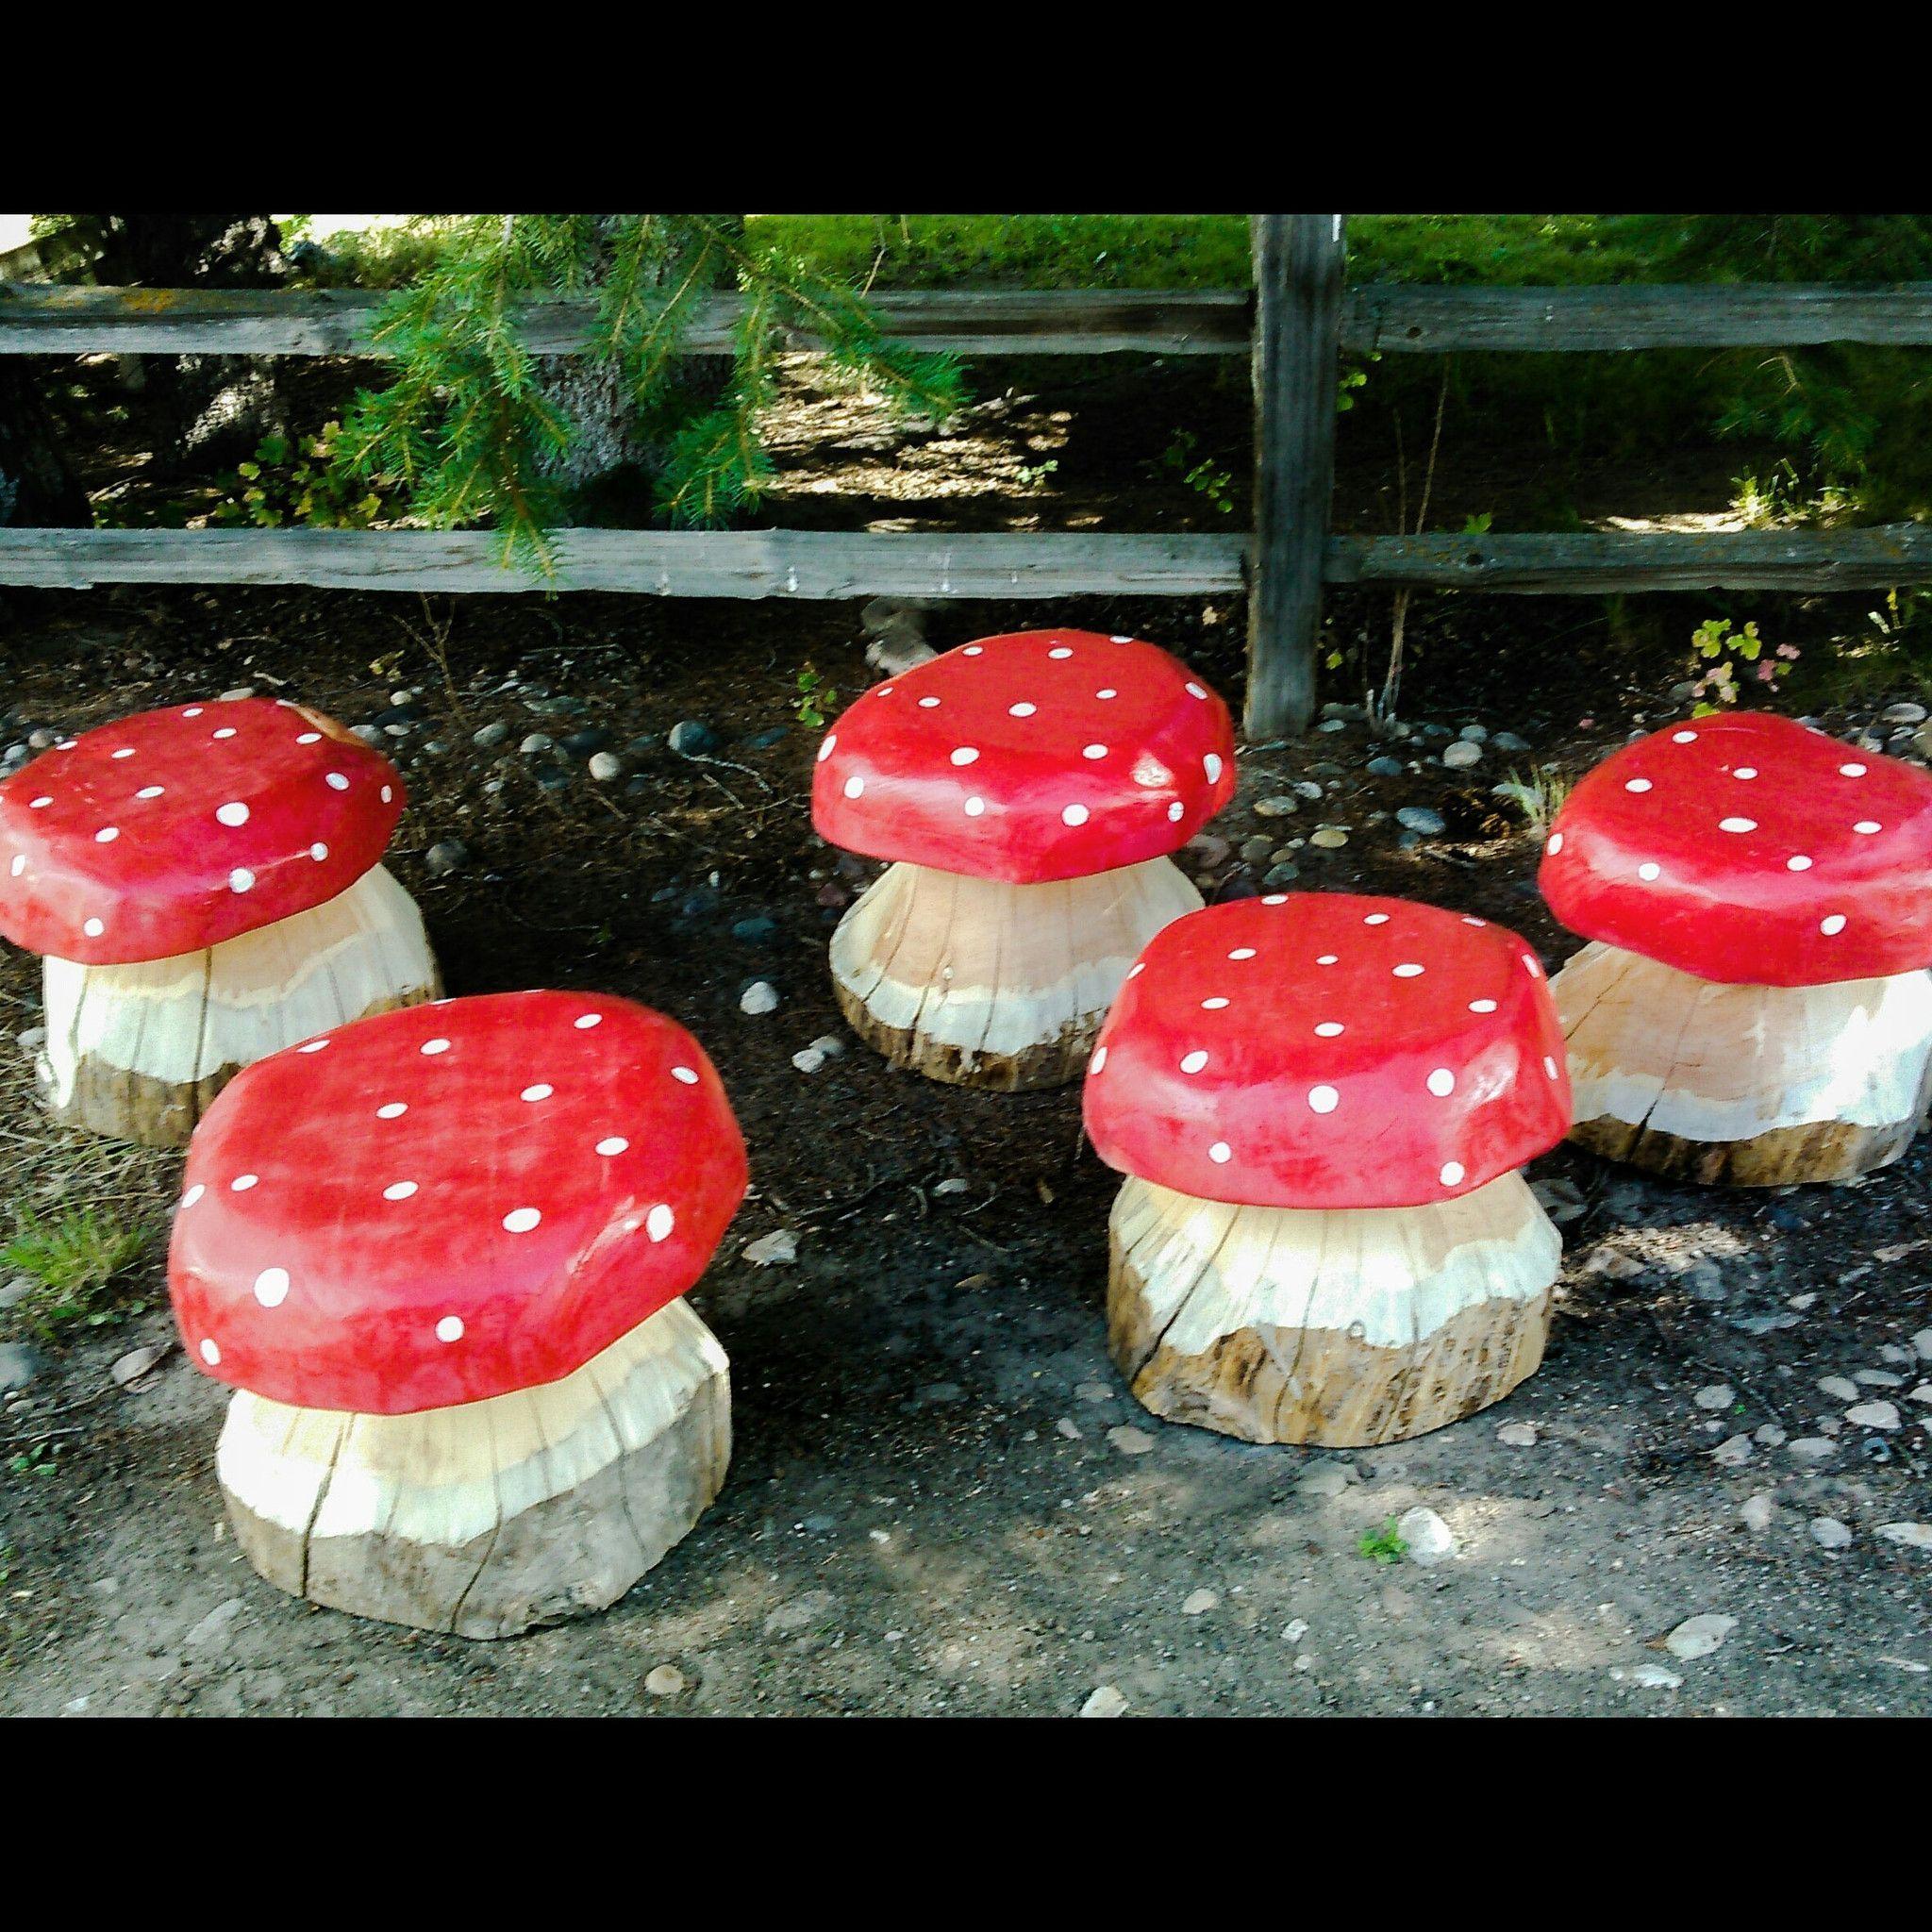 Carved Wooden Mushrooms   Yard / Garden Art   Stools   Toadstools   Mushroom  Art